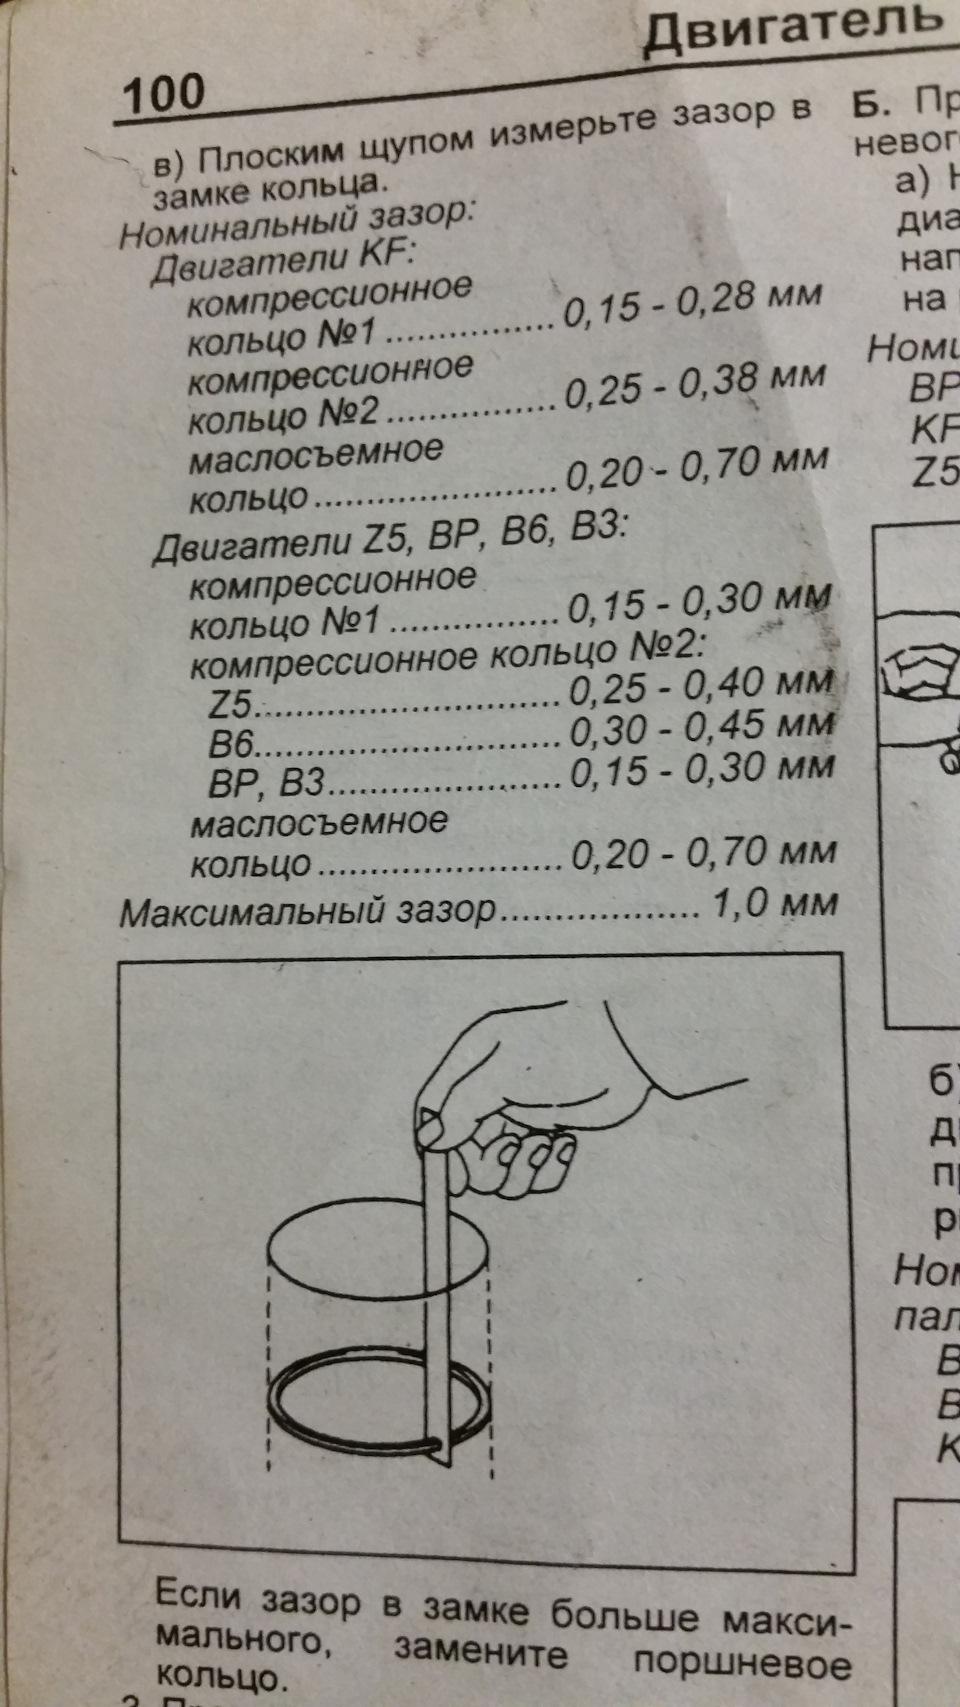 мазда 121 1993г диаметр поршня открыть магазин